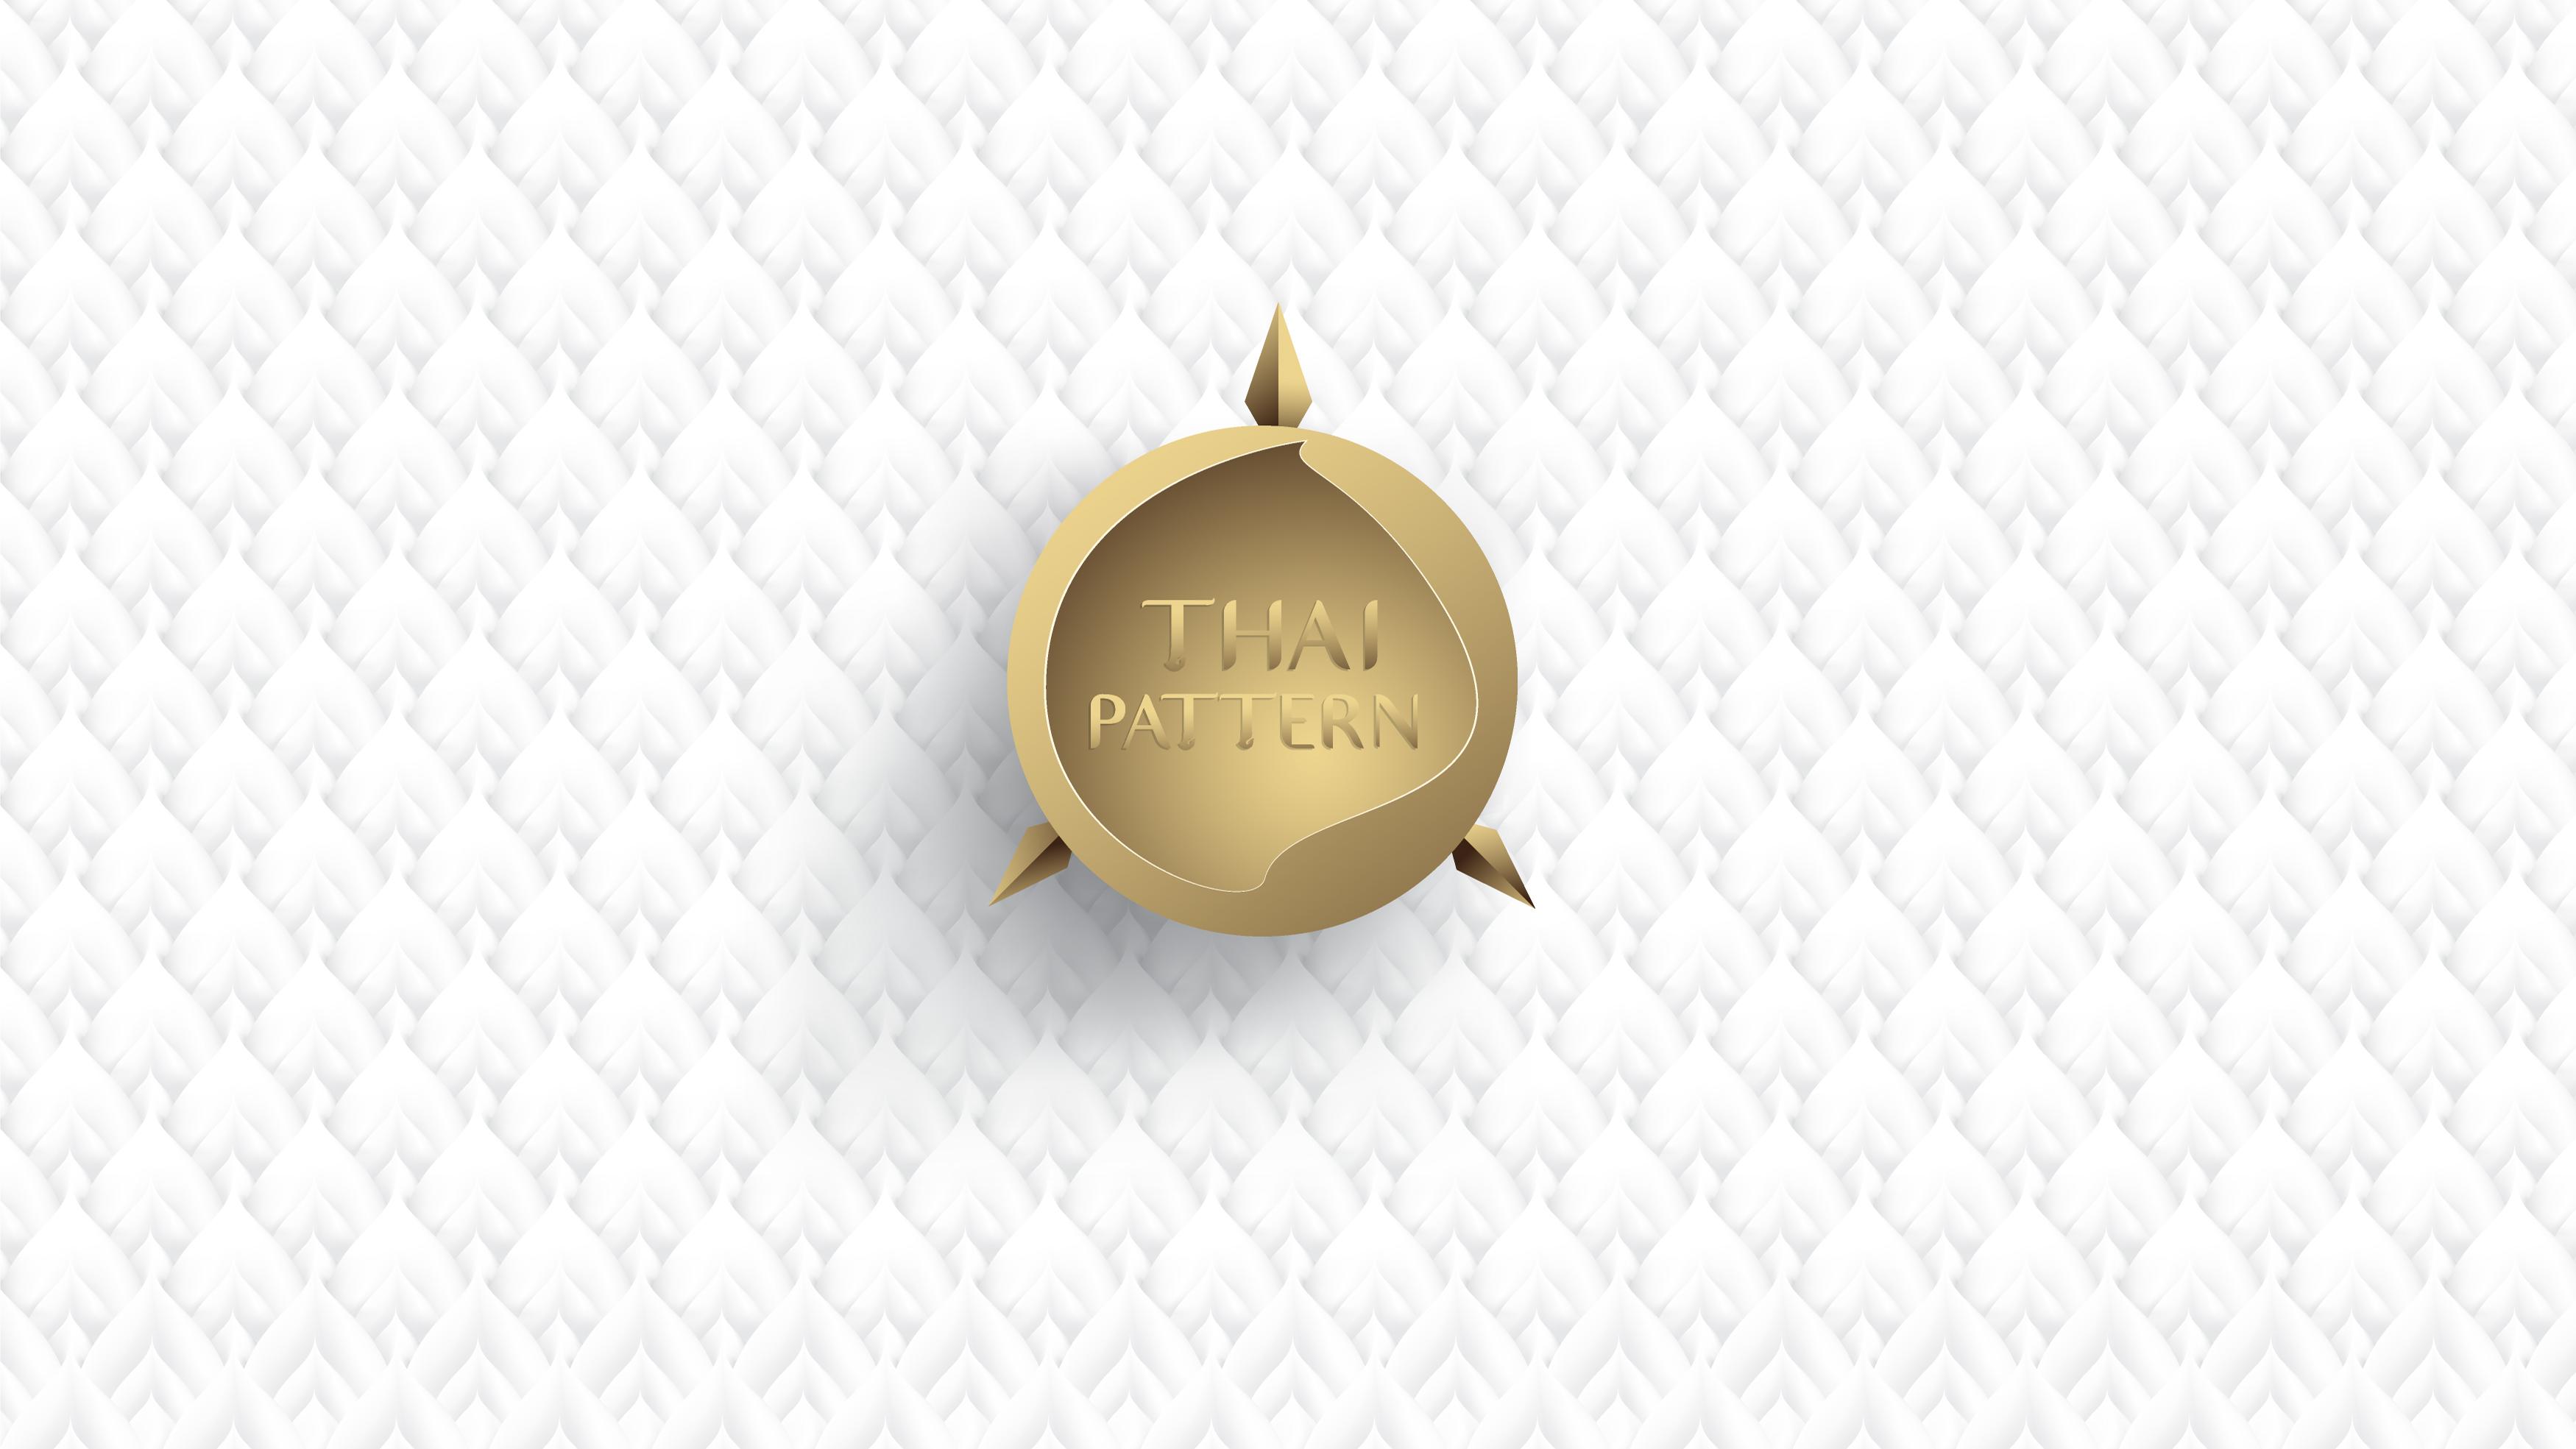 arte tailandés superpuesto hojas blancas con marco de círculo dorado vector